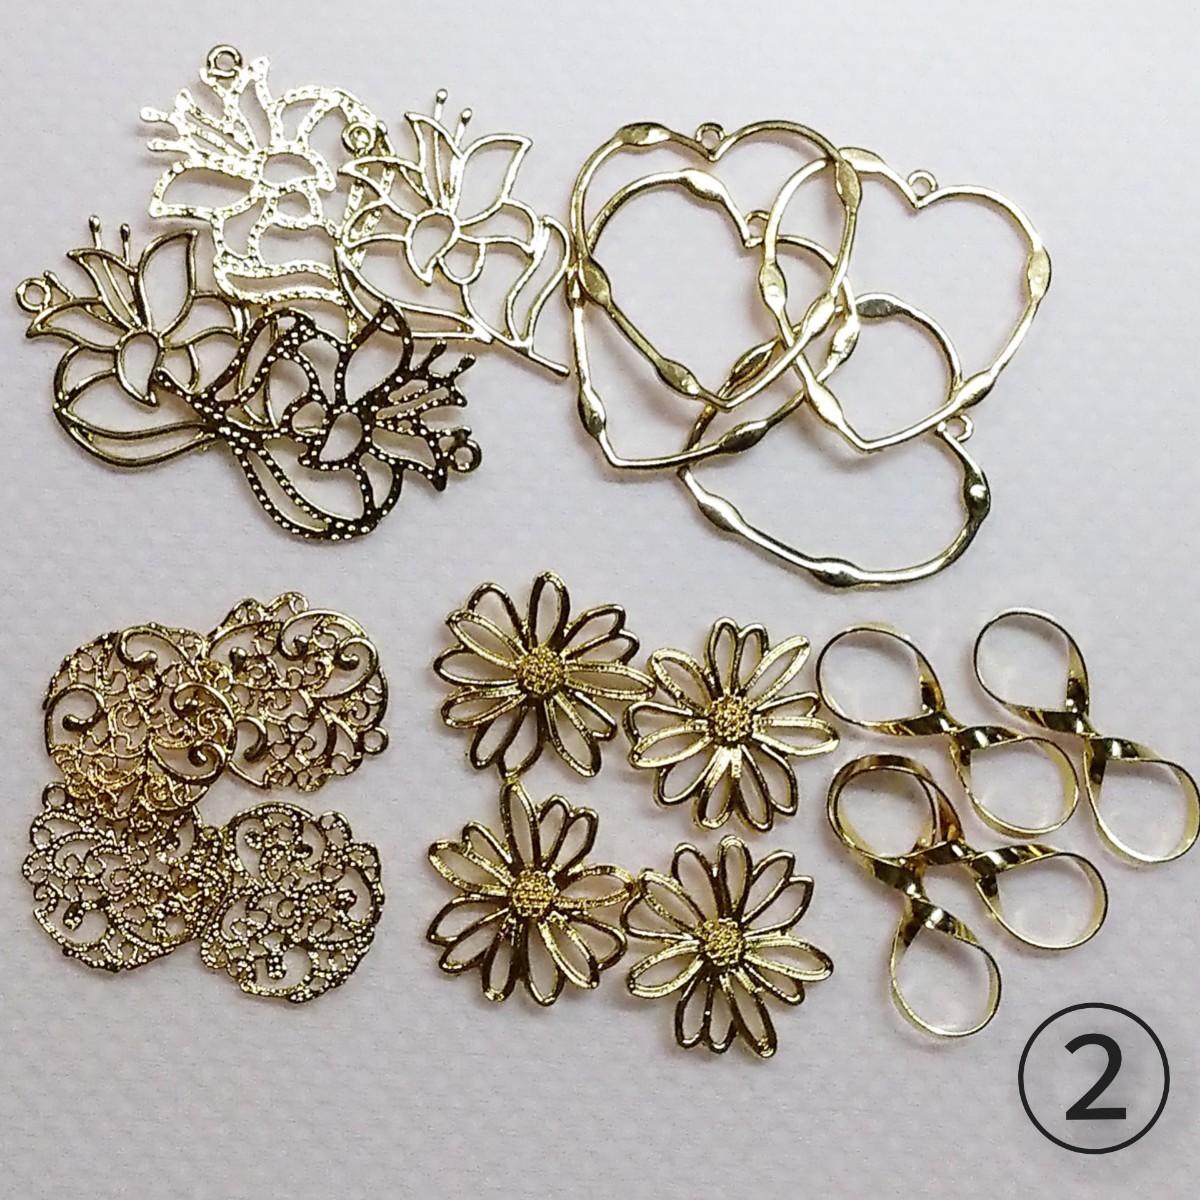 ゴールドパーツ② ハンドメイド素材 20 個